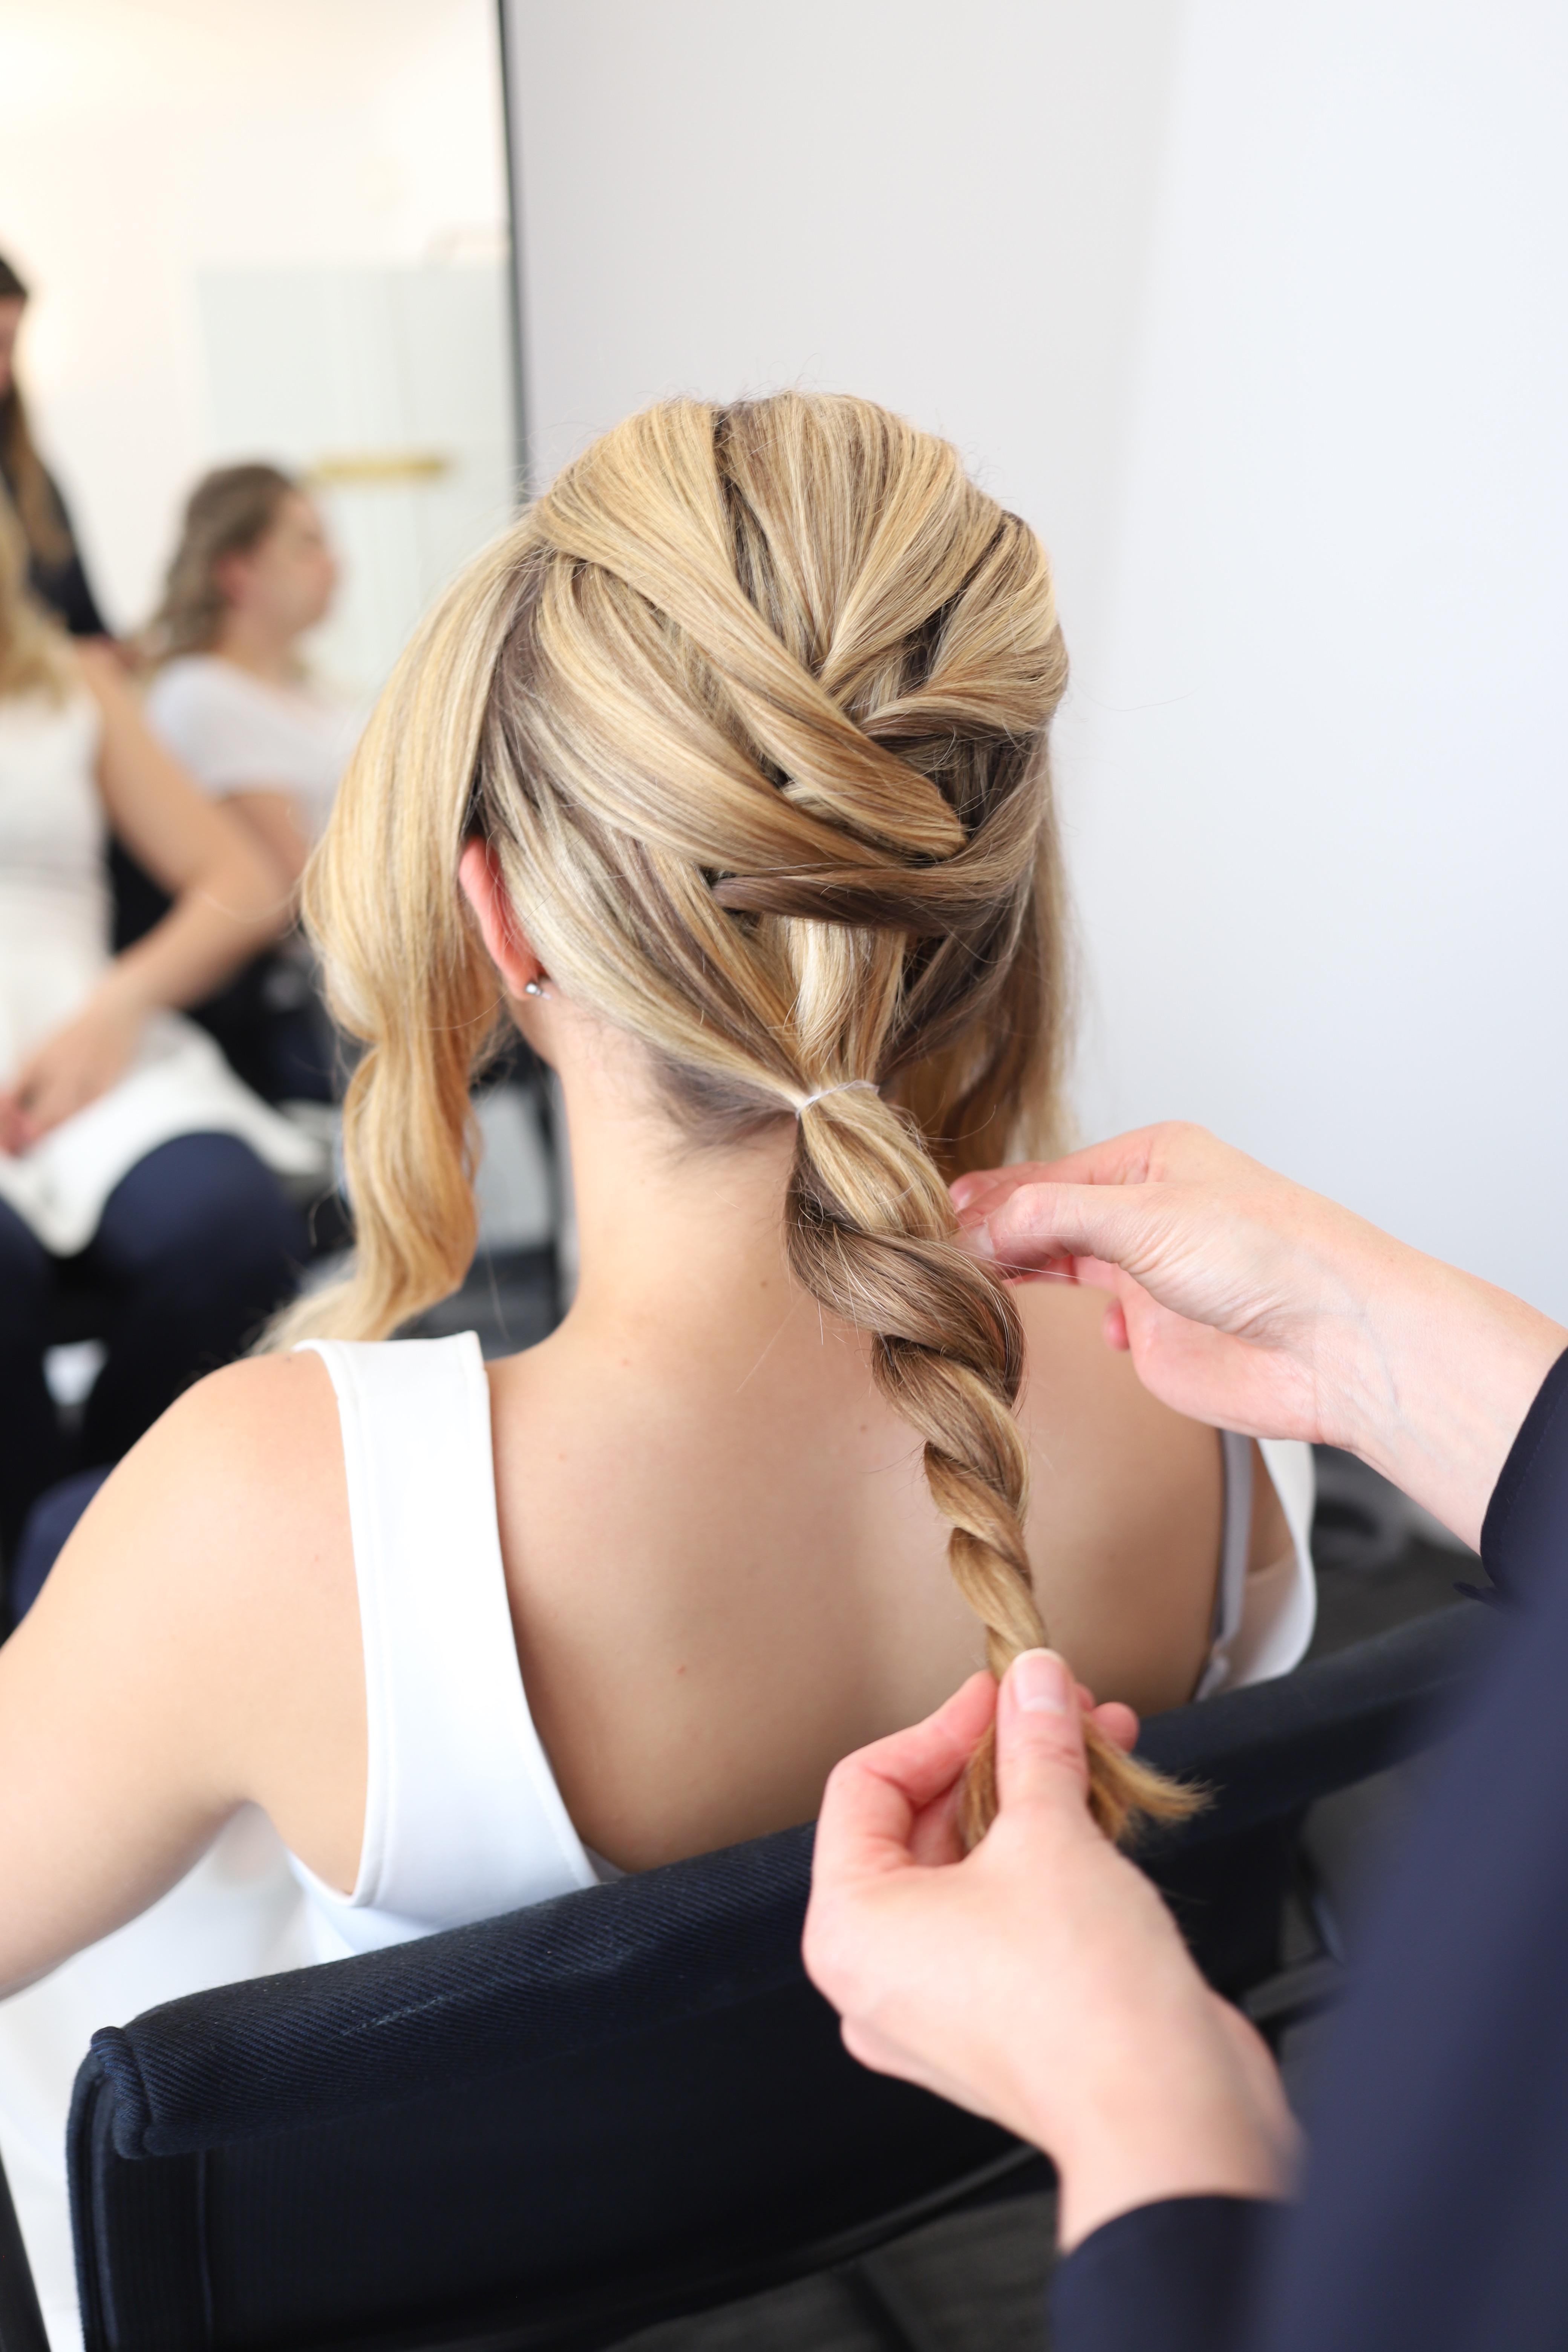 Hair techniques